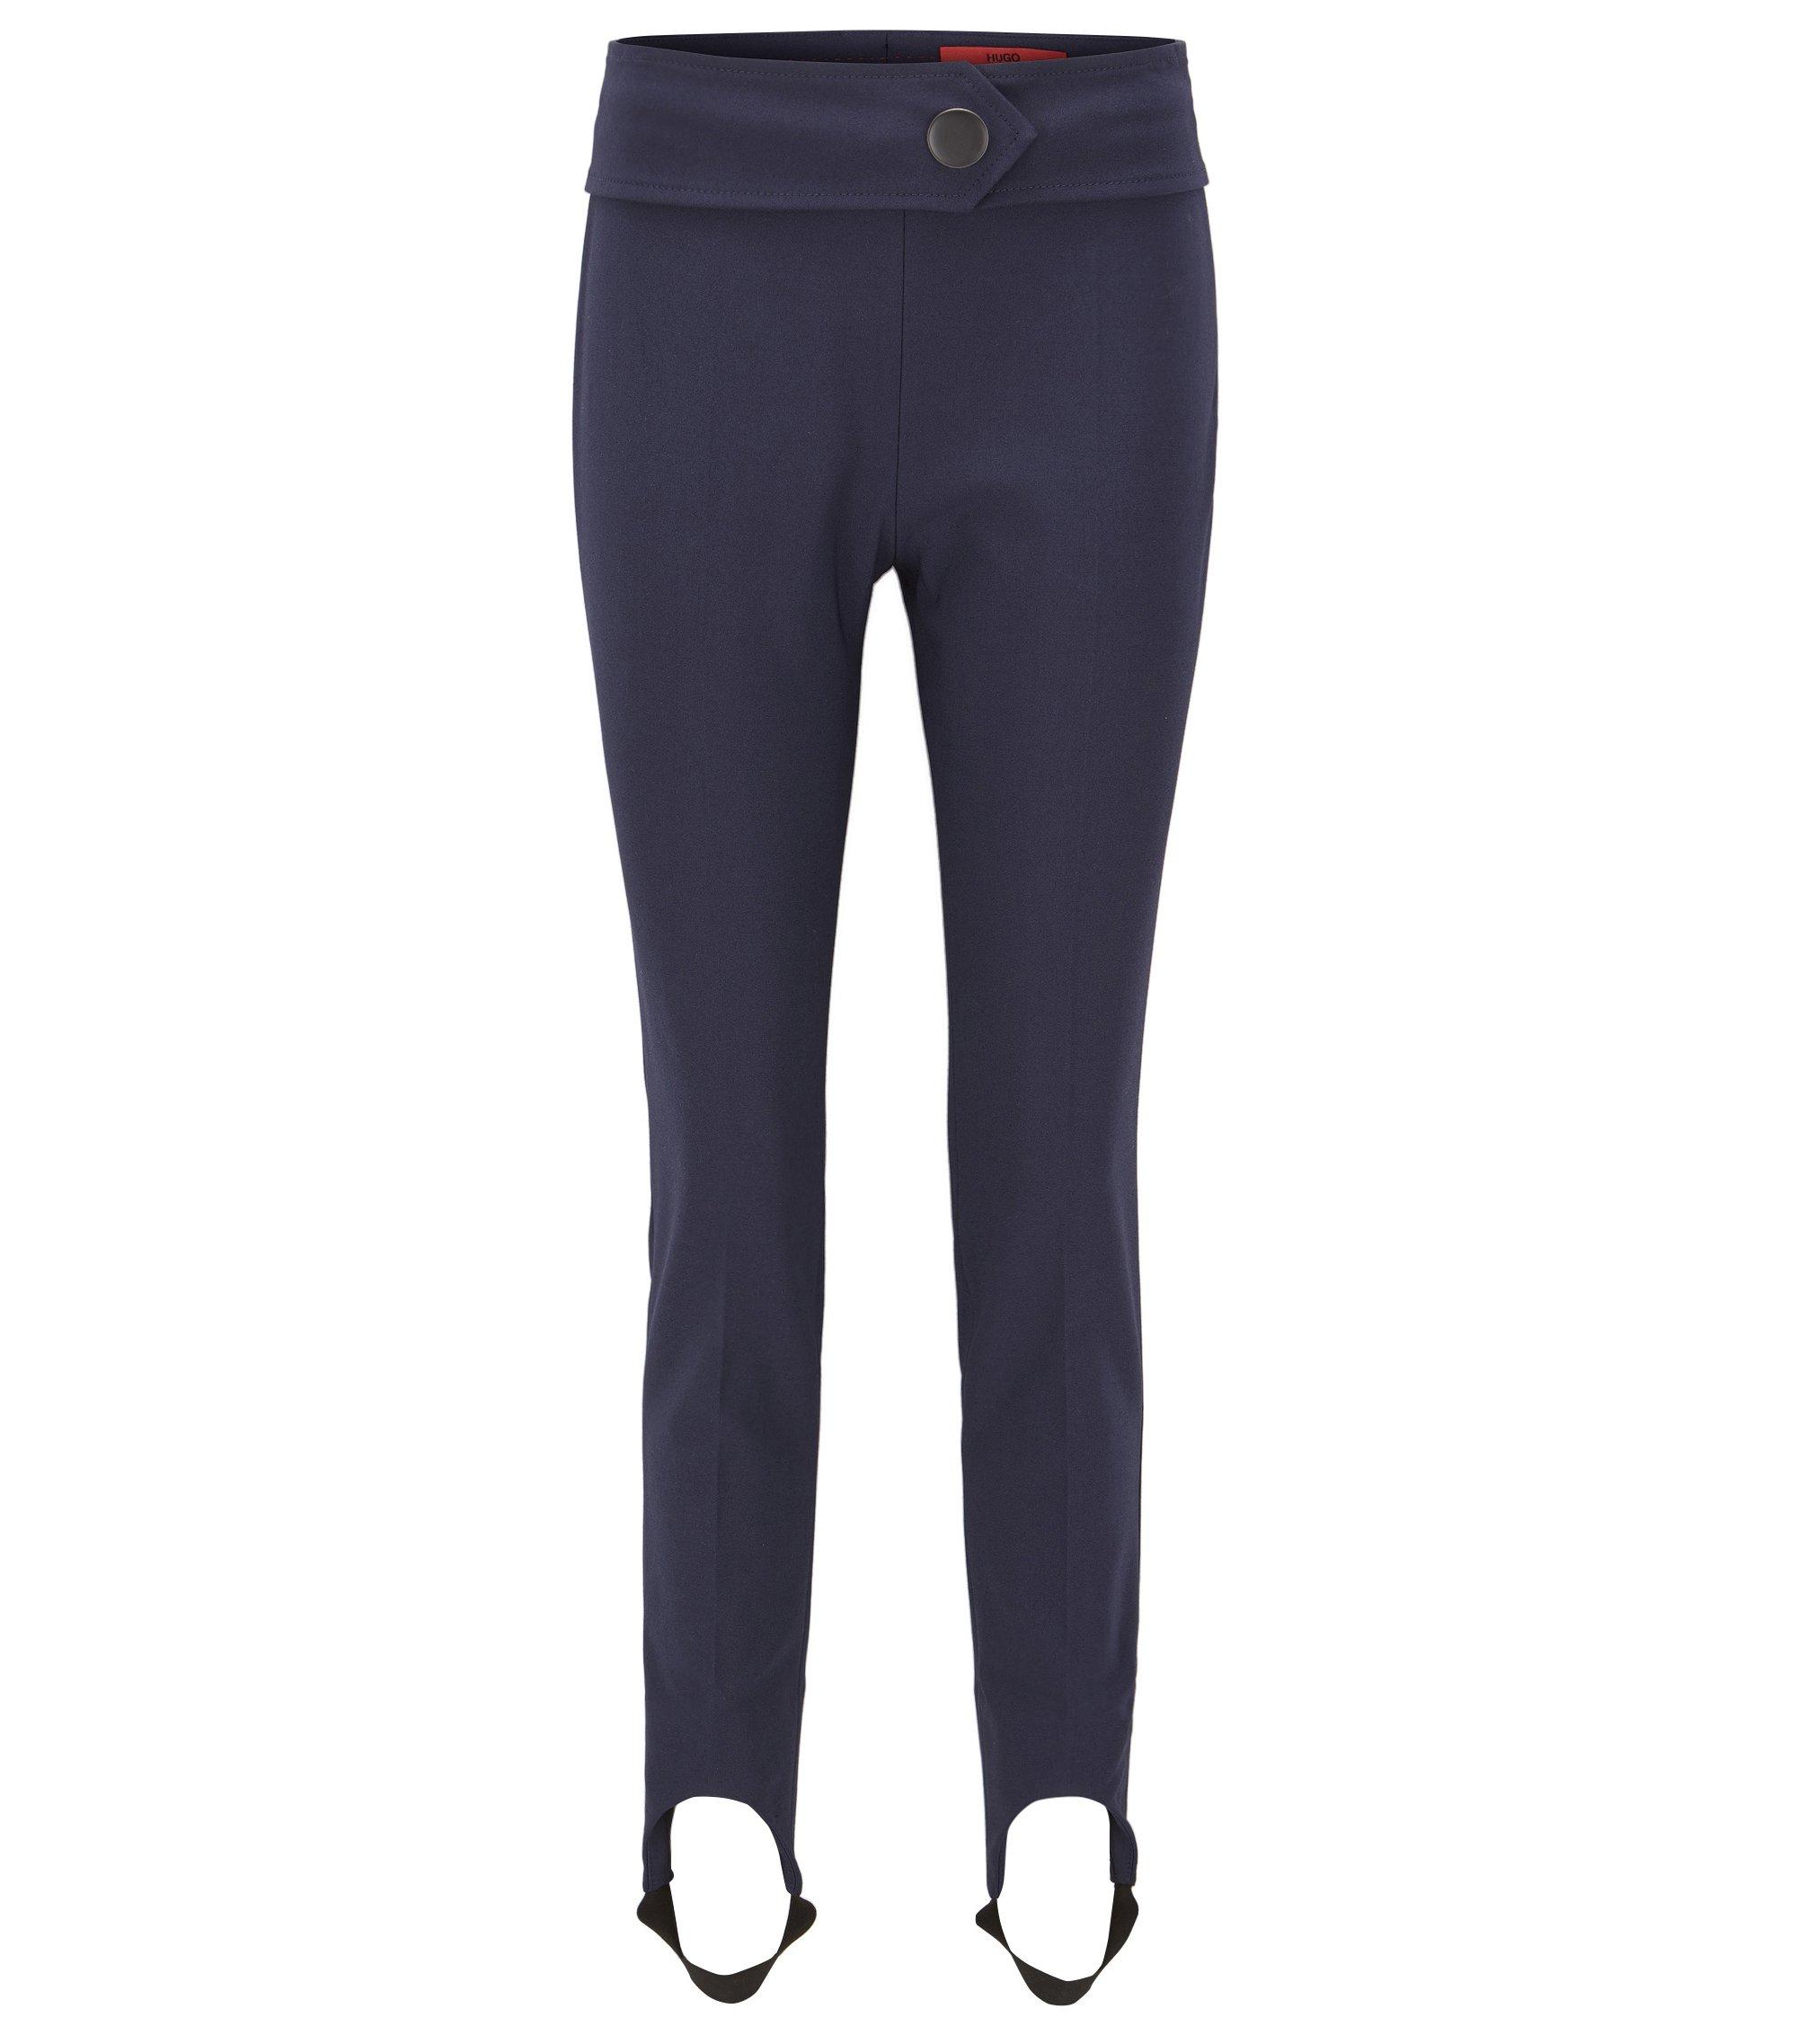 Pantaloni con staffe skinny fit in misto cotone elasticizzato, Blu scuro